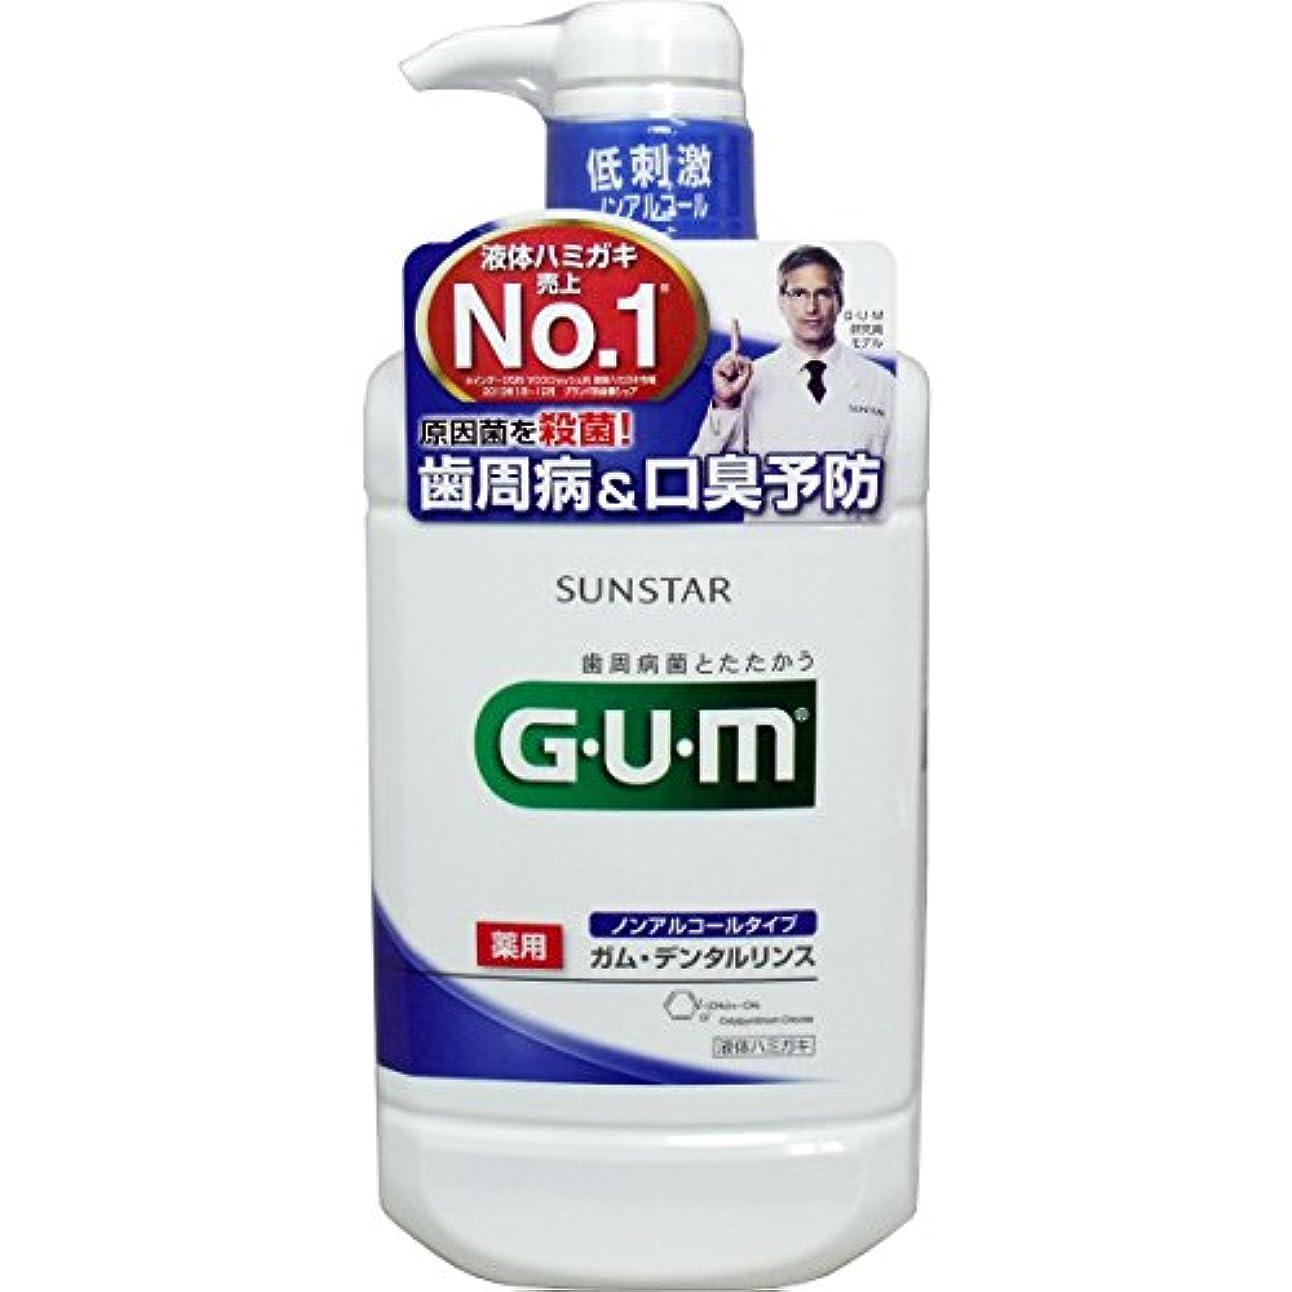 スーパーマーケット縁石スーパー【まとめ買い】GUM(ガム)?デンタルリンス (ノンアルコールタイプ) 960mL (医薬部外品)×5個